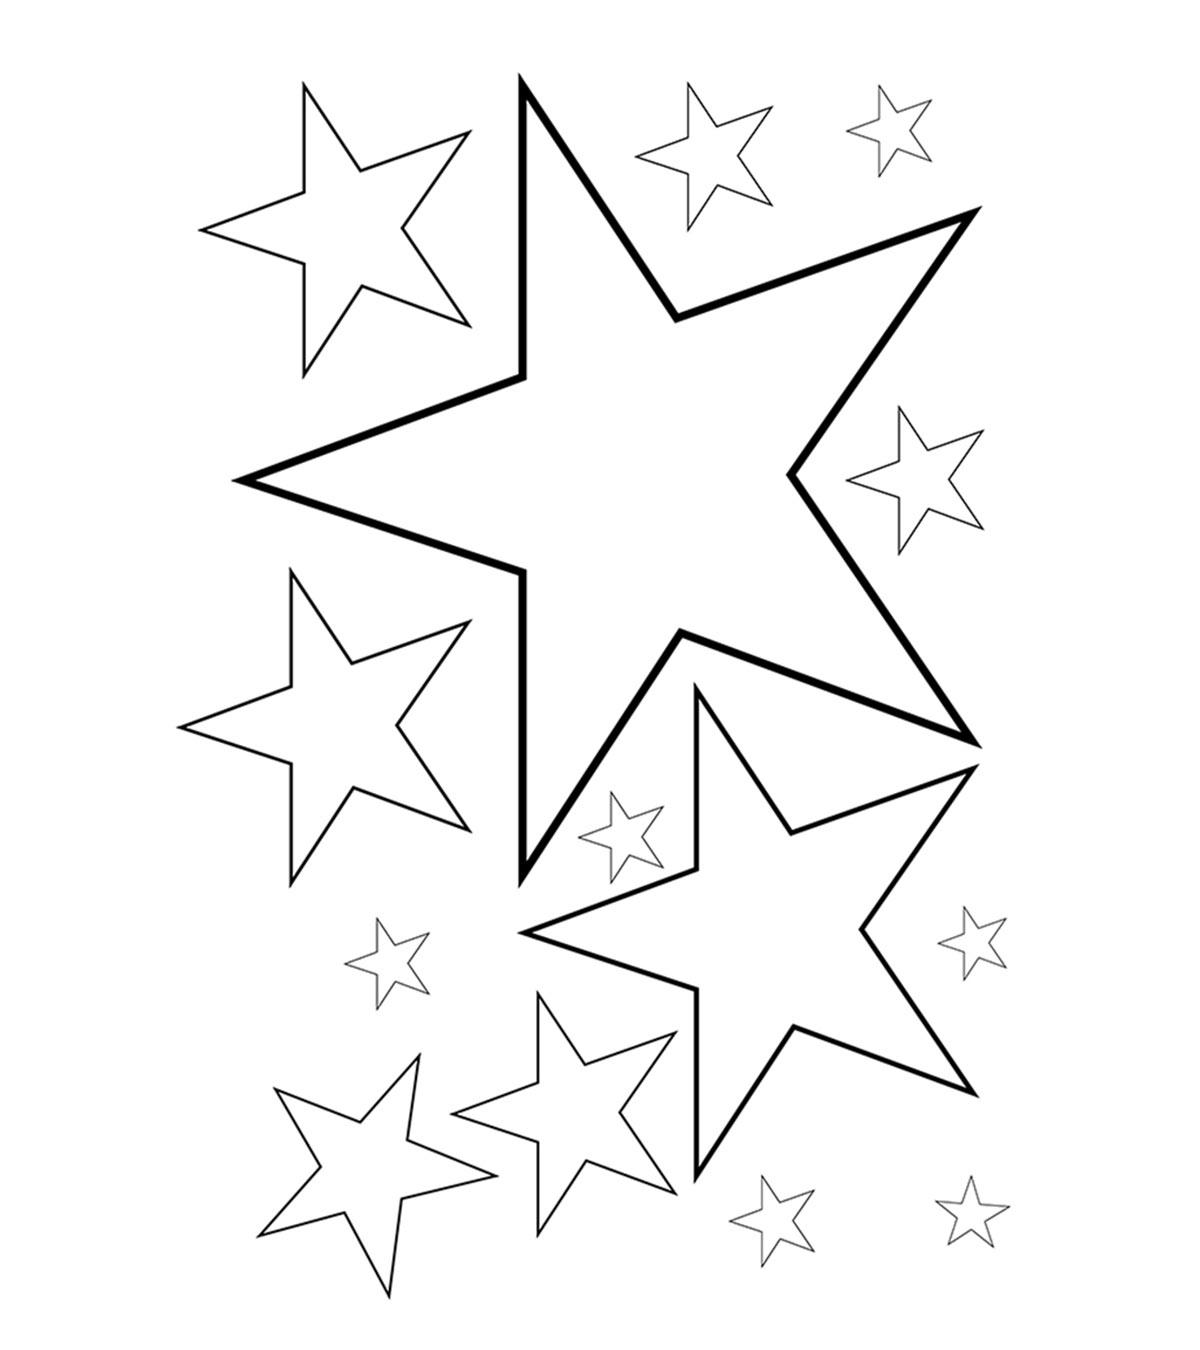 Tranh tô màu ngôi sao đơn giản cho bé